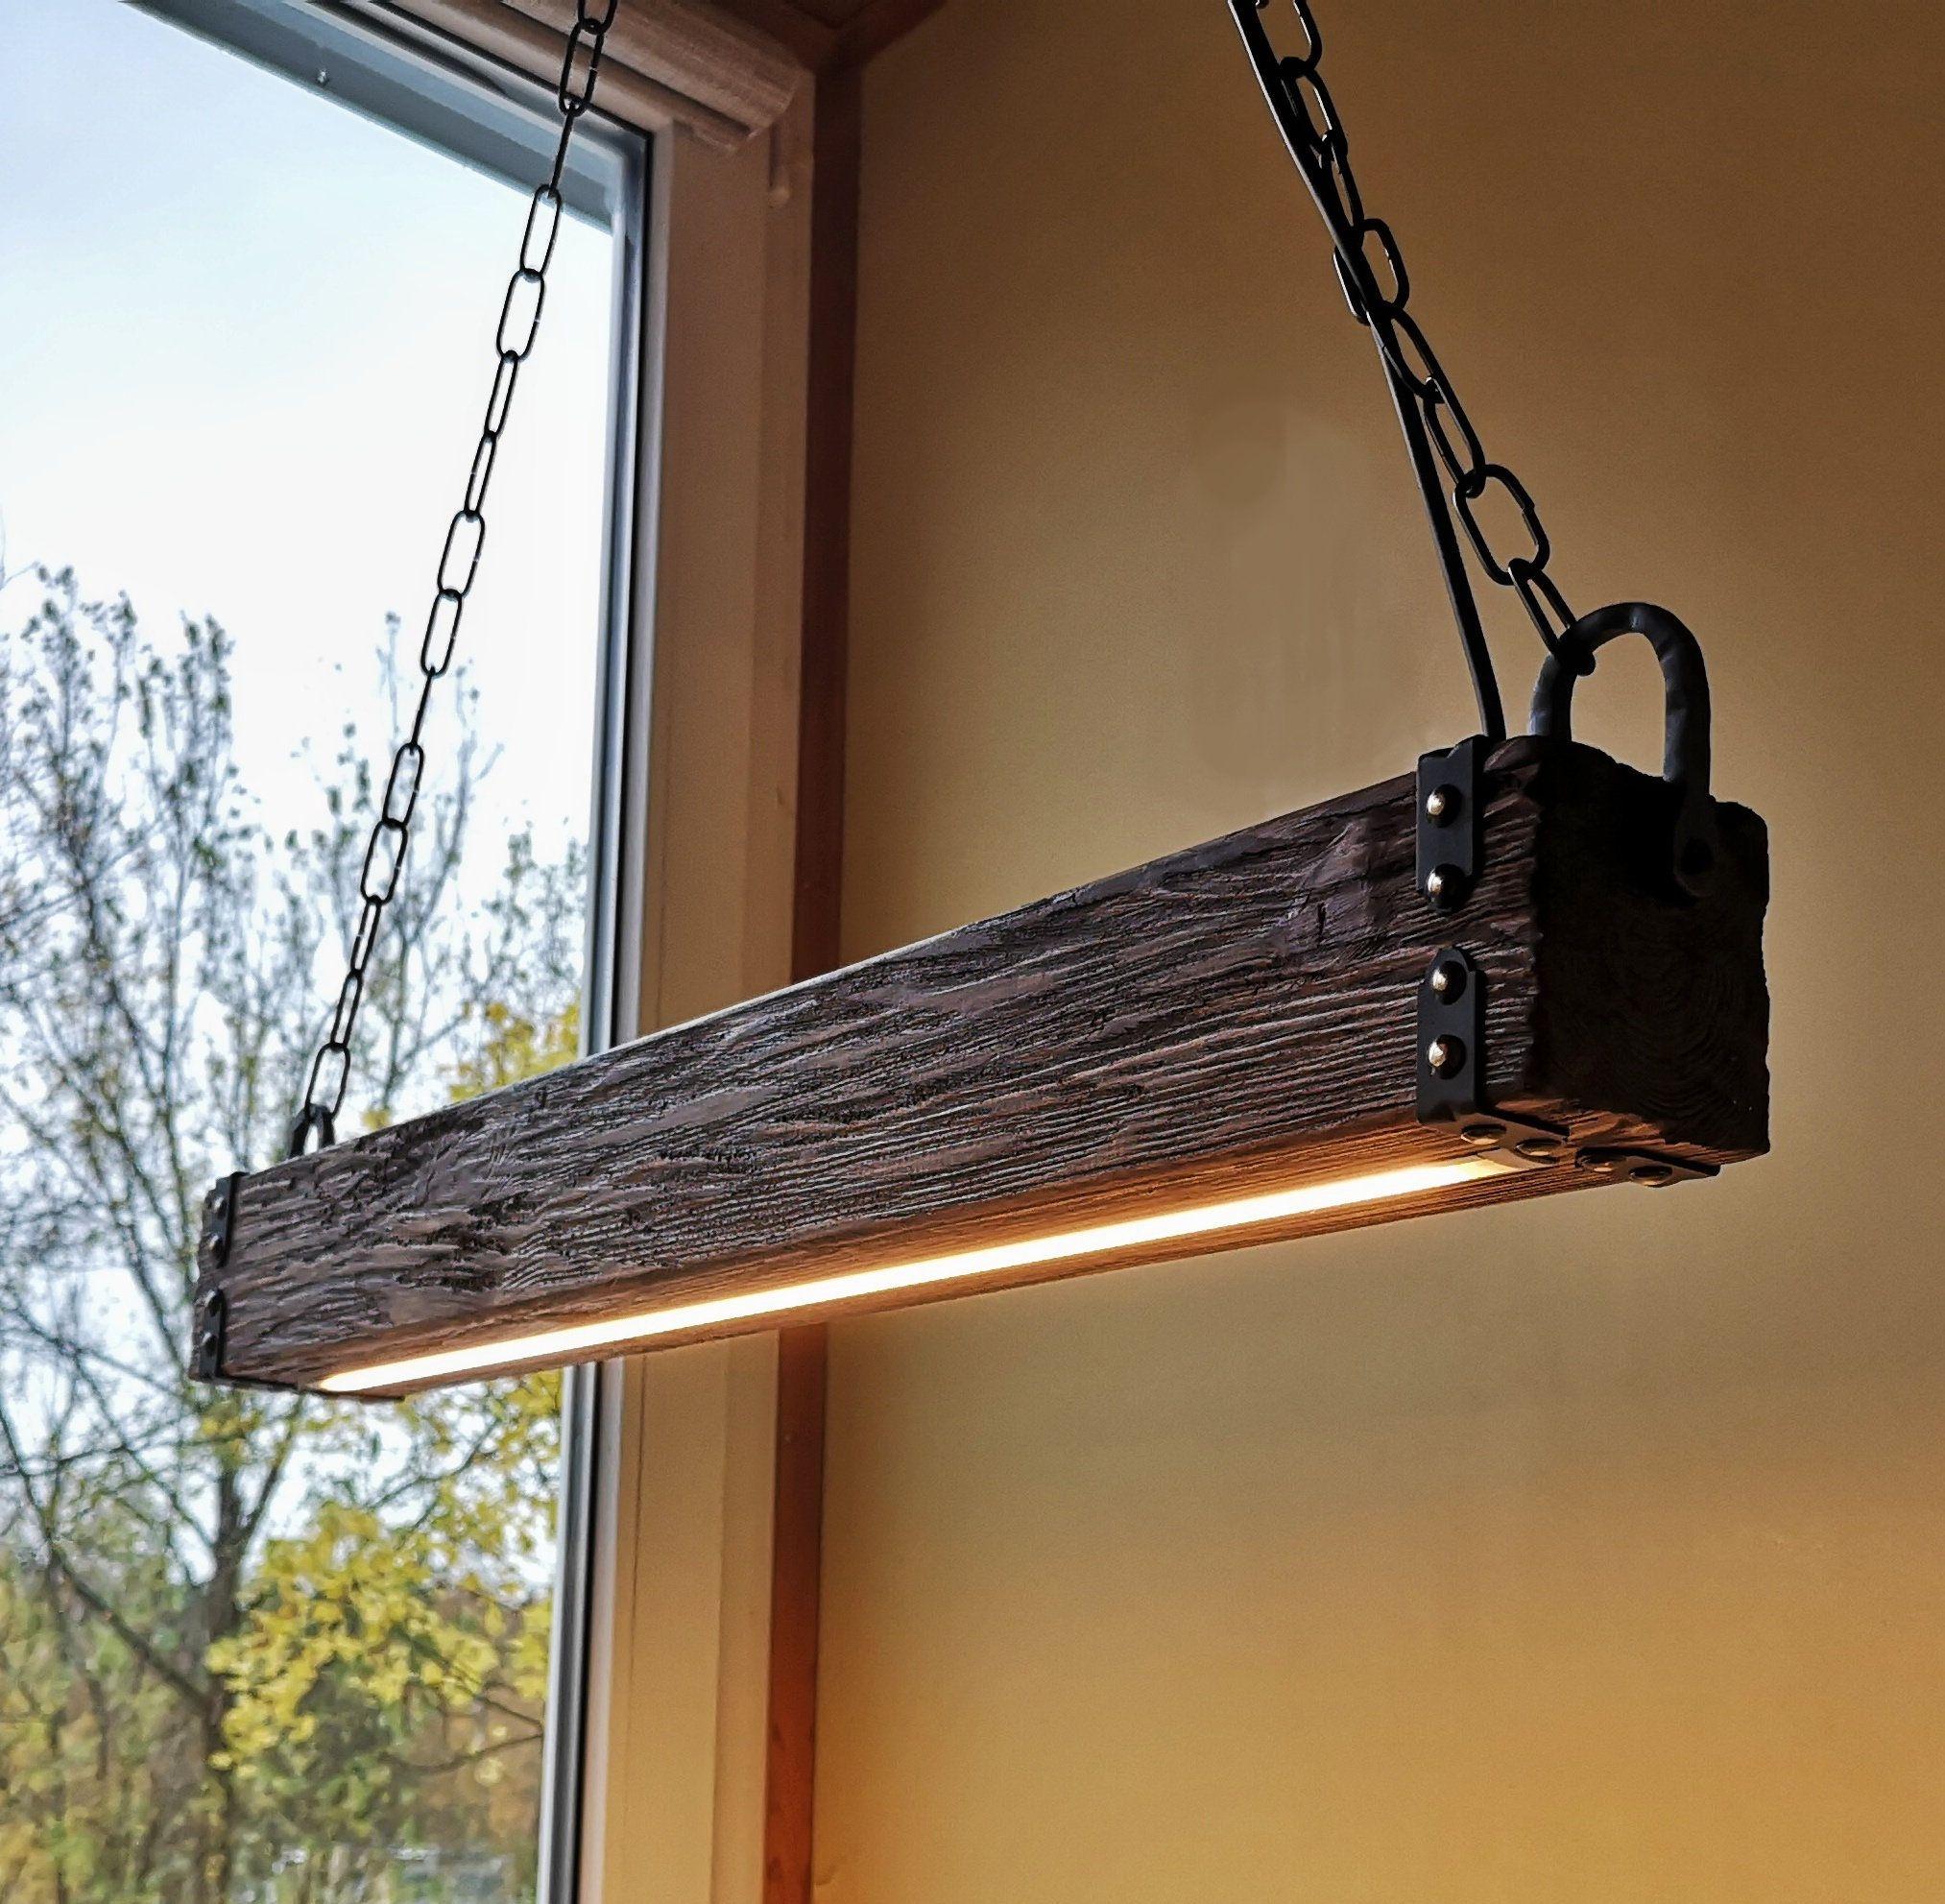 Wood Beam Led Pendant Light Chandelier Wooden Chandelier Etsy In 2020 Wooden Chandelier Rustic Chandelier Rustic Lighting